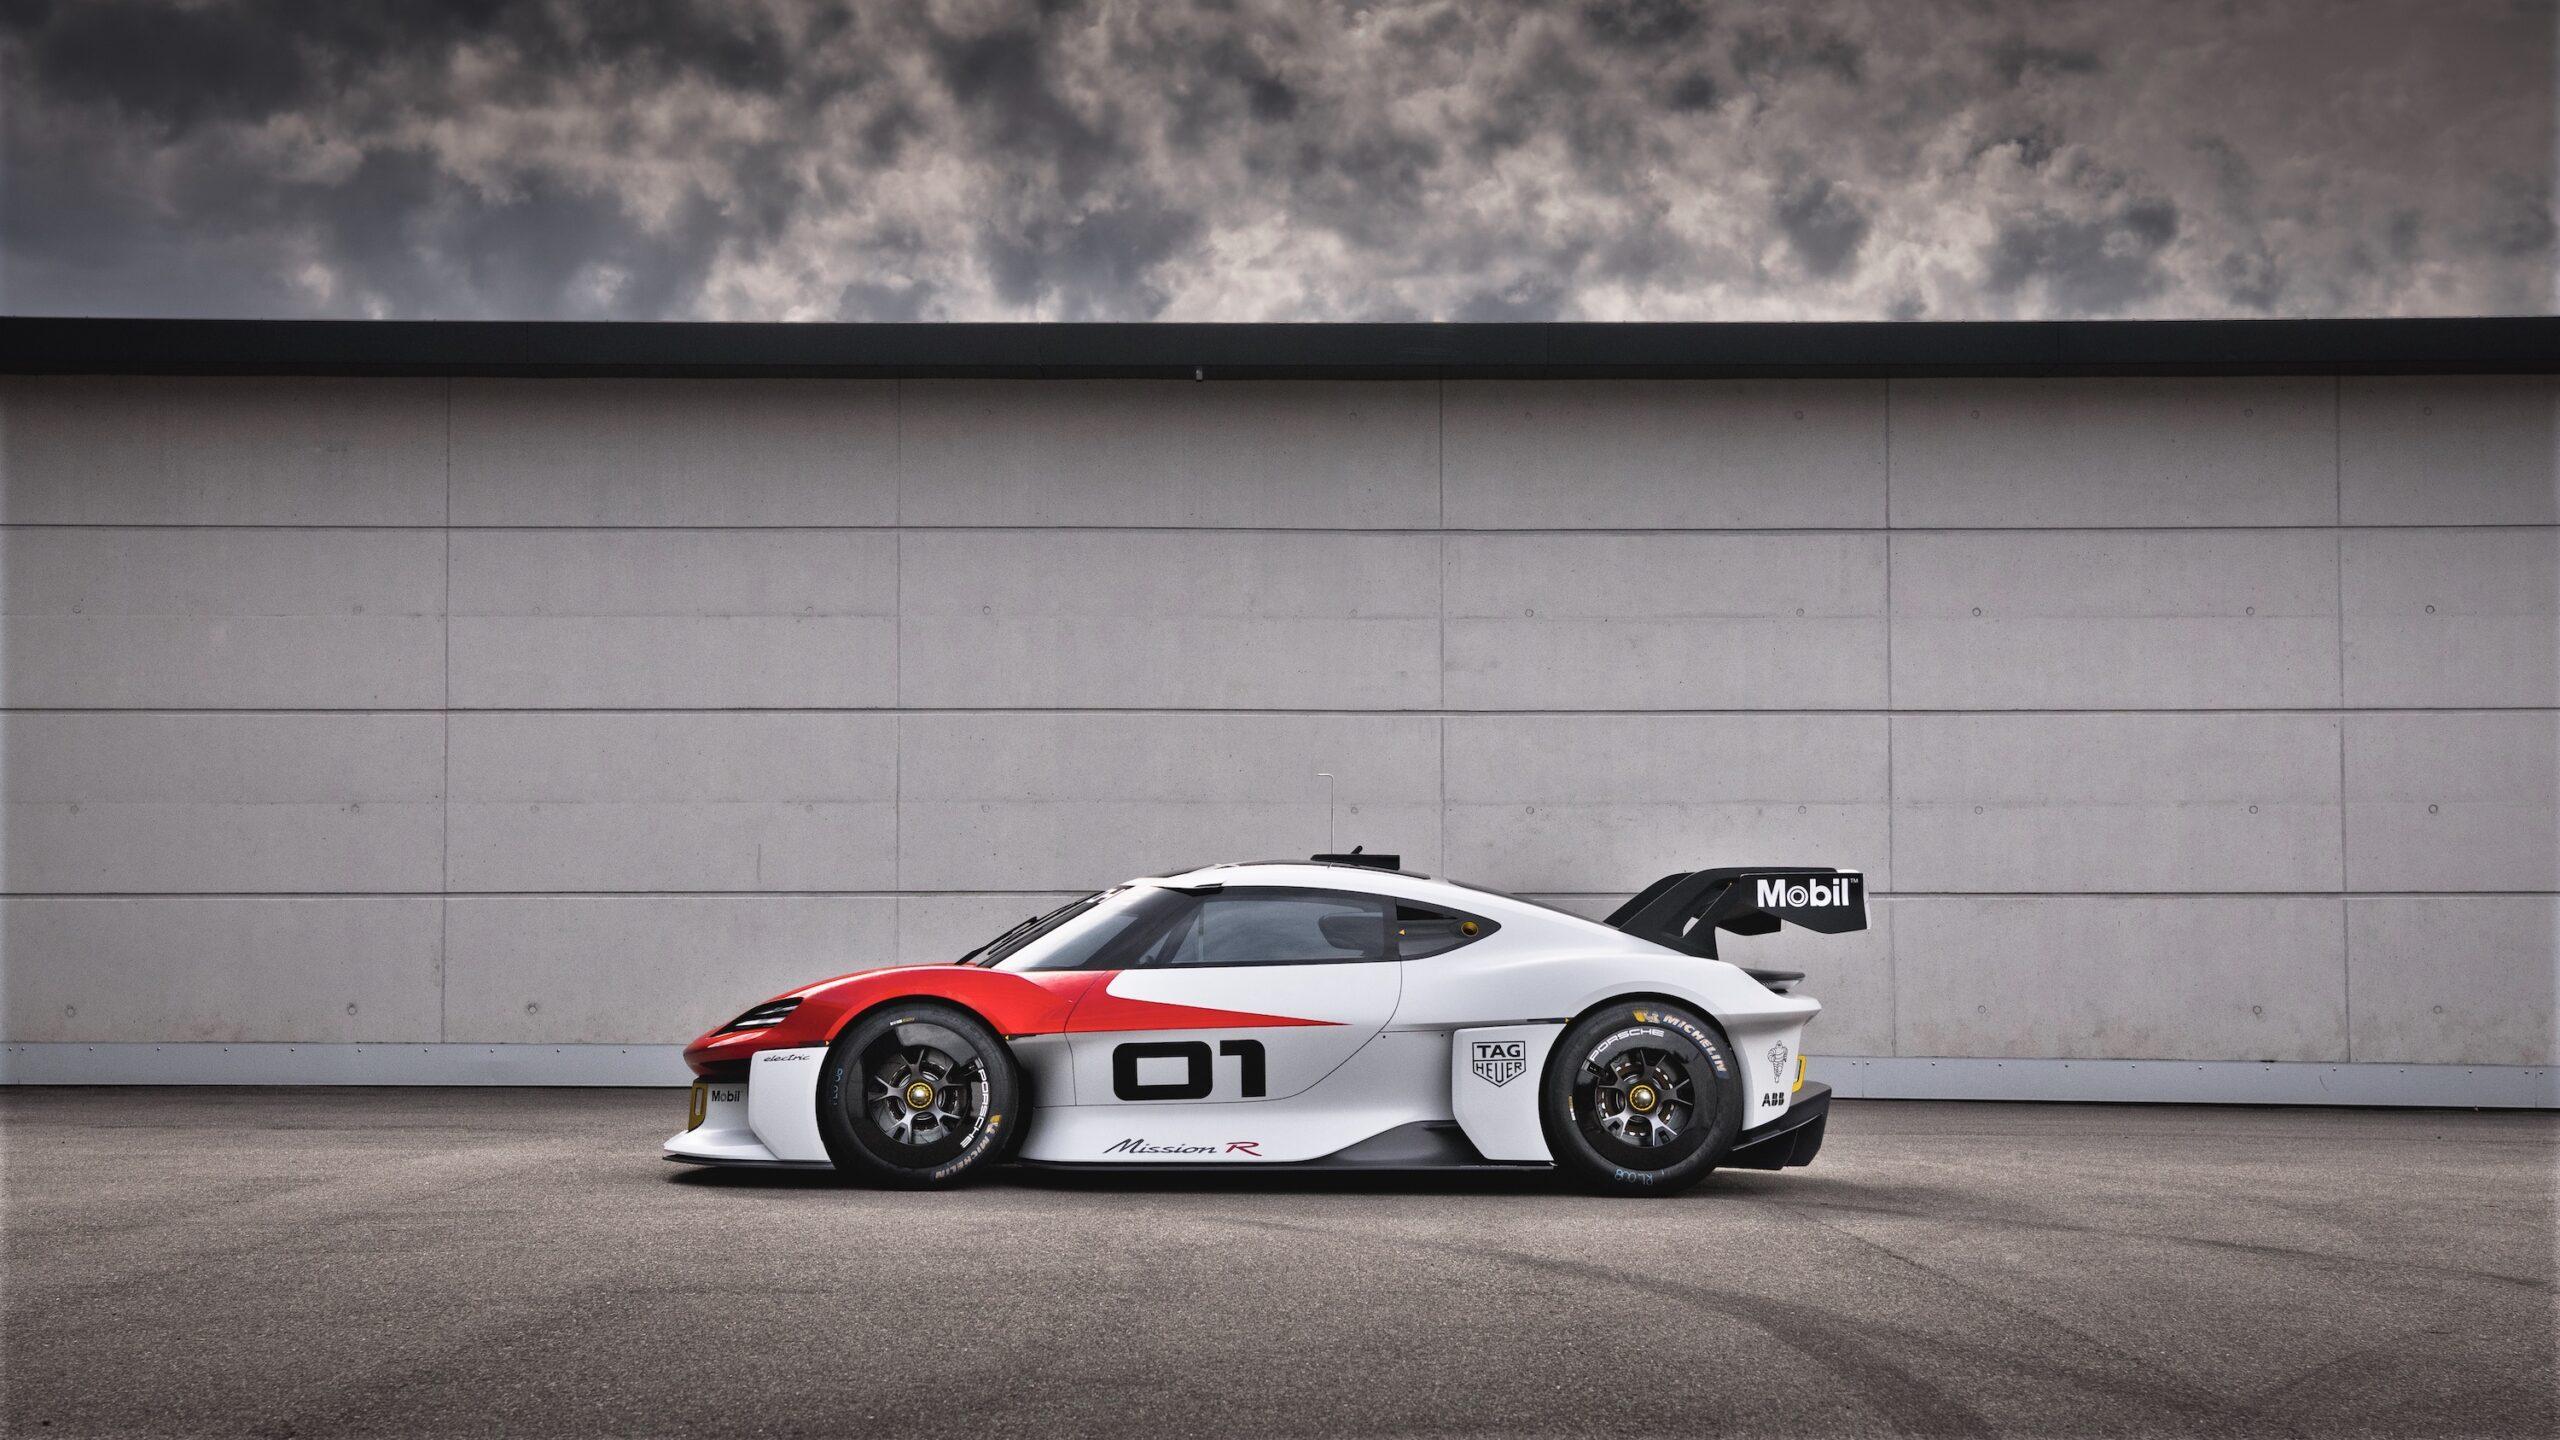 Porsche presenta el concepto Mission R: 1088 caballos de potencia